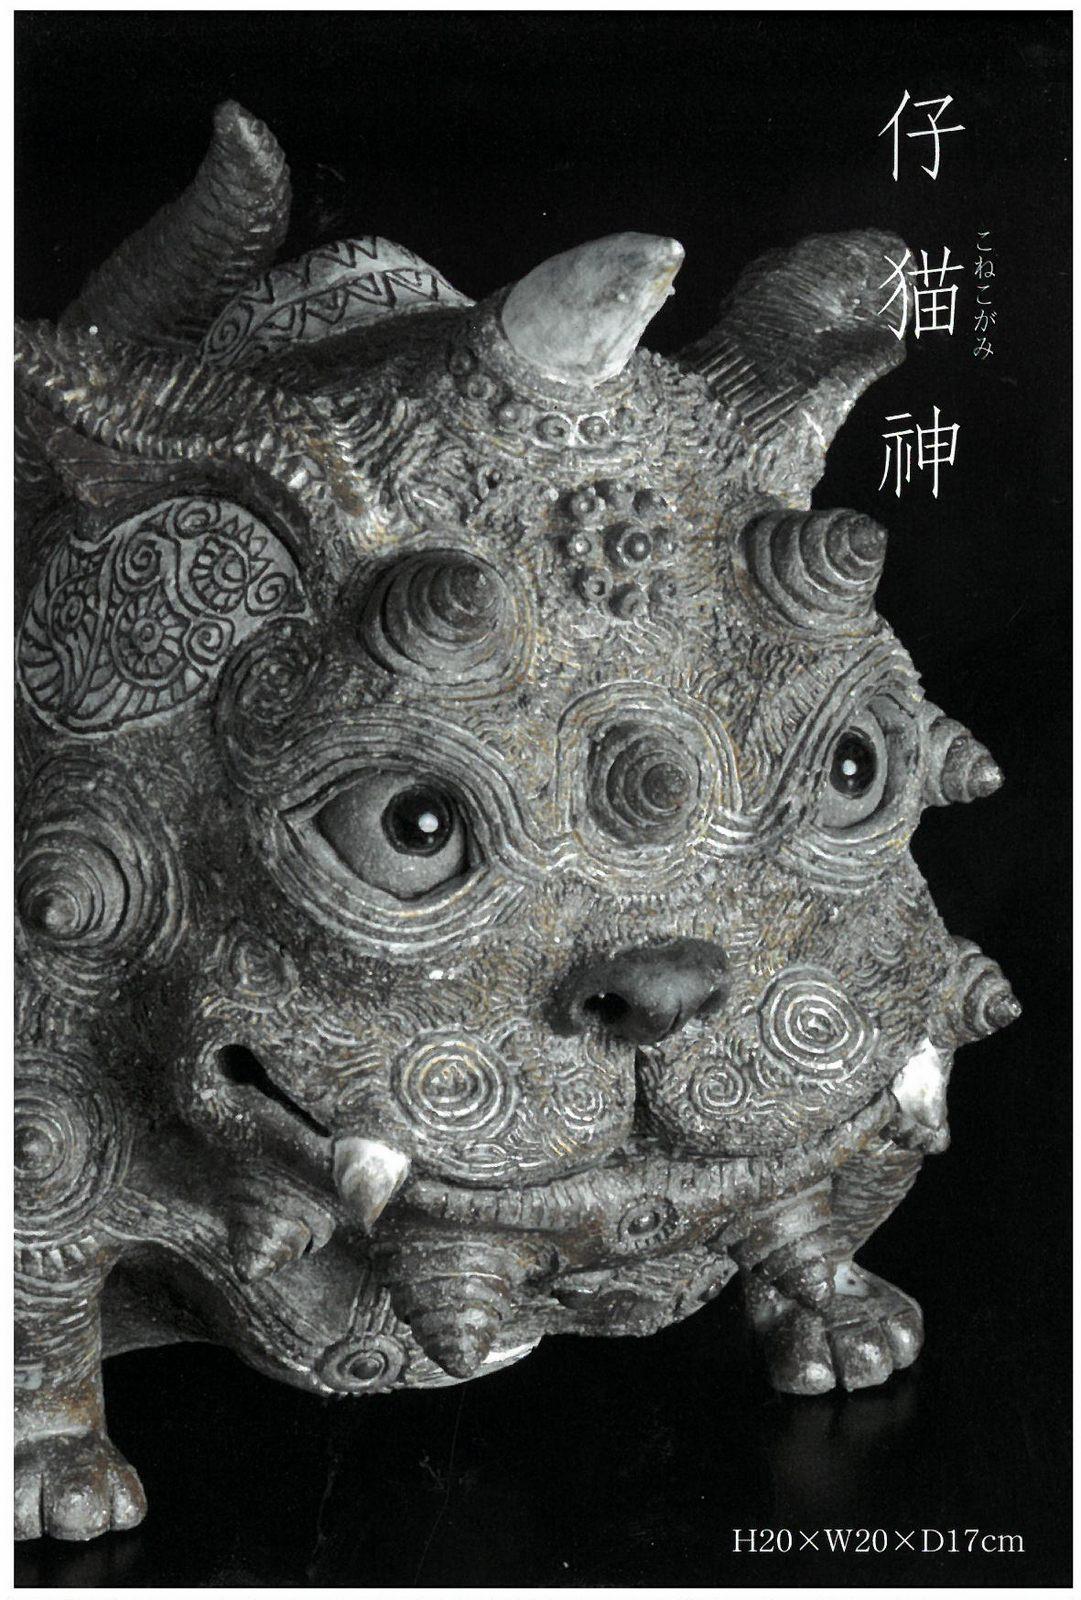 田崎太郎作陶展